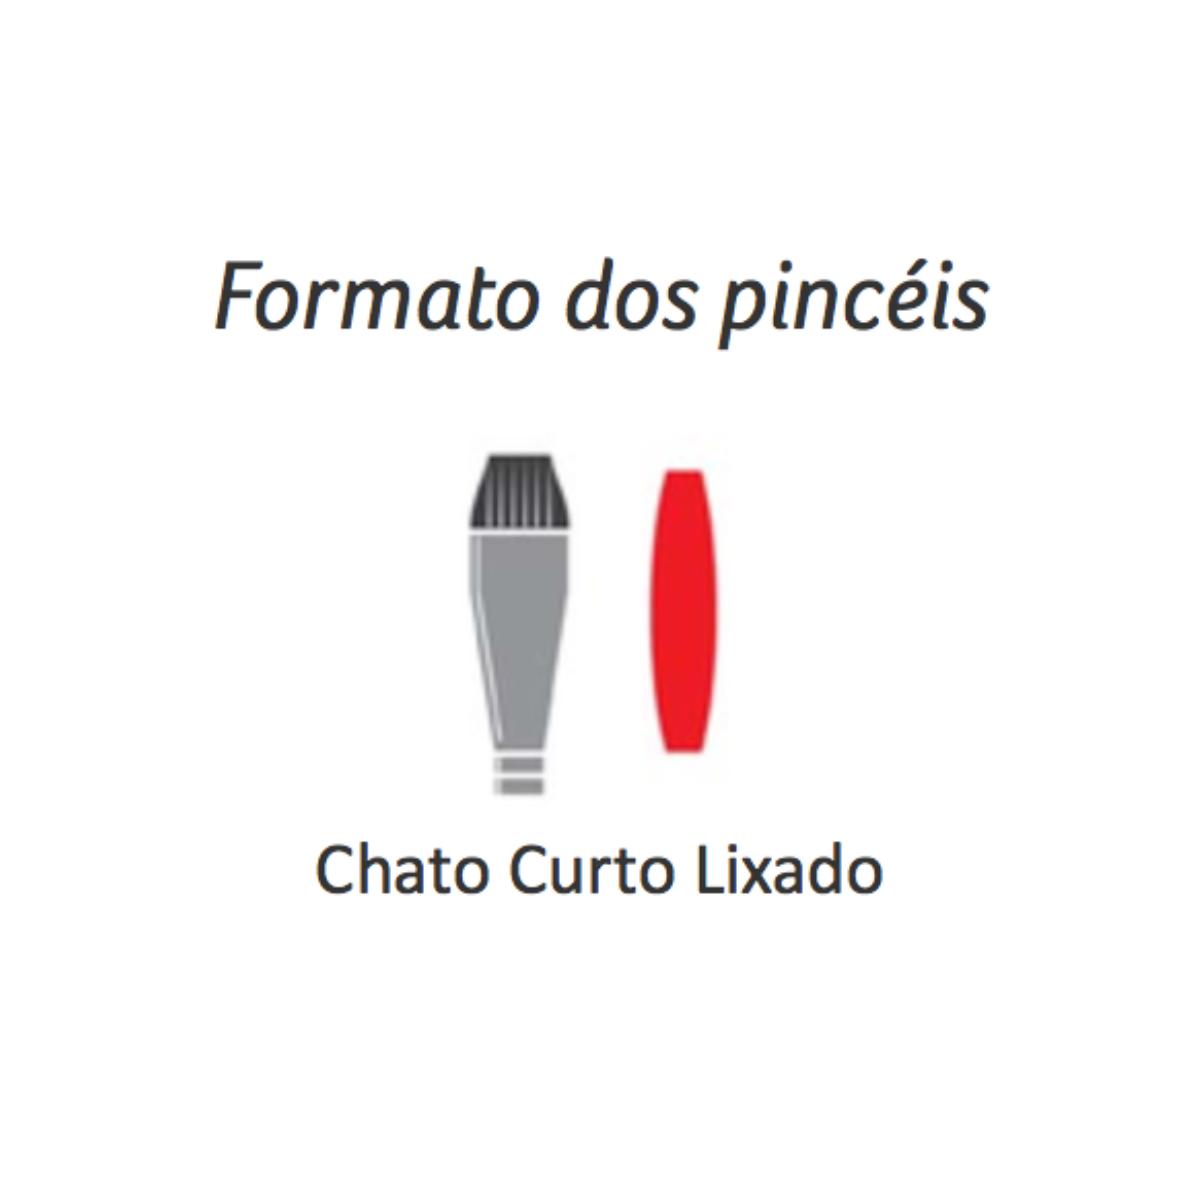 Kit Pincel Chato 0, 2, 4, 6, 8, 10, 12, 14 e 16 Condor 454